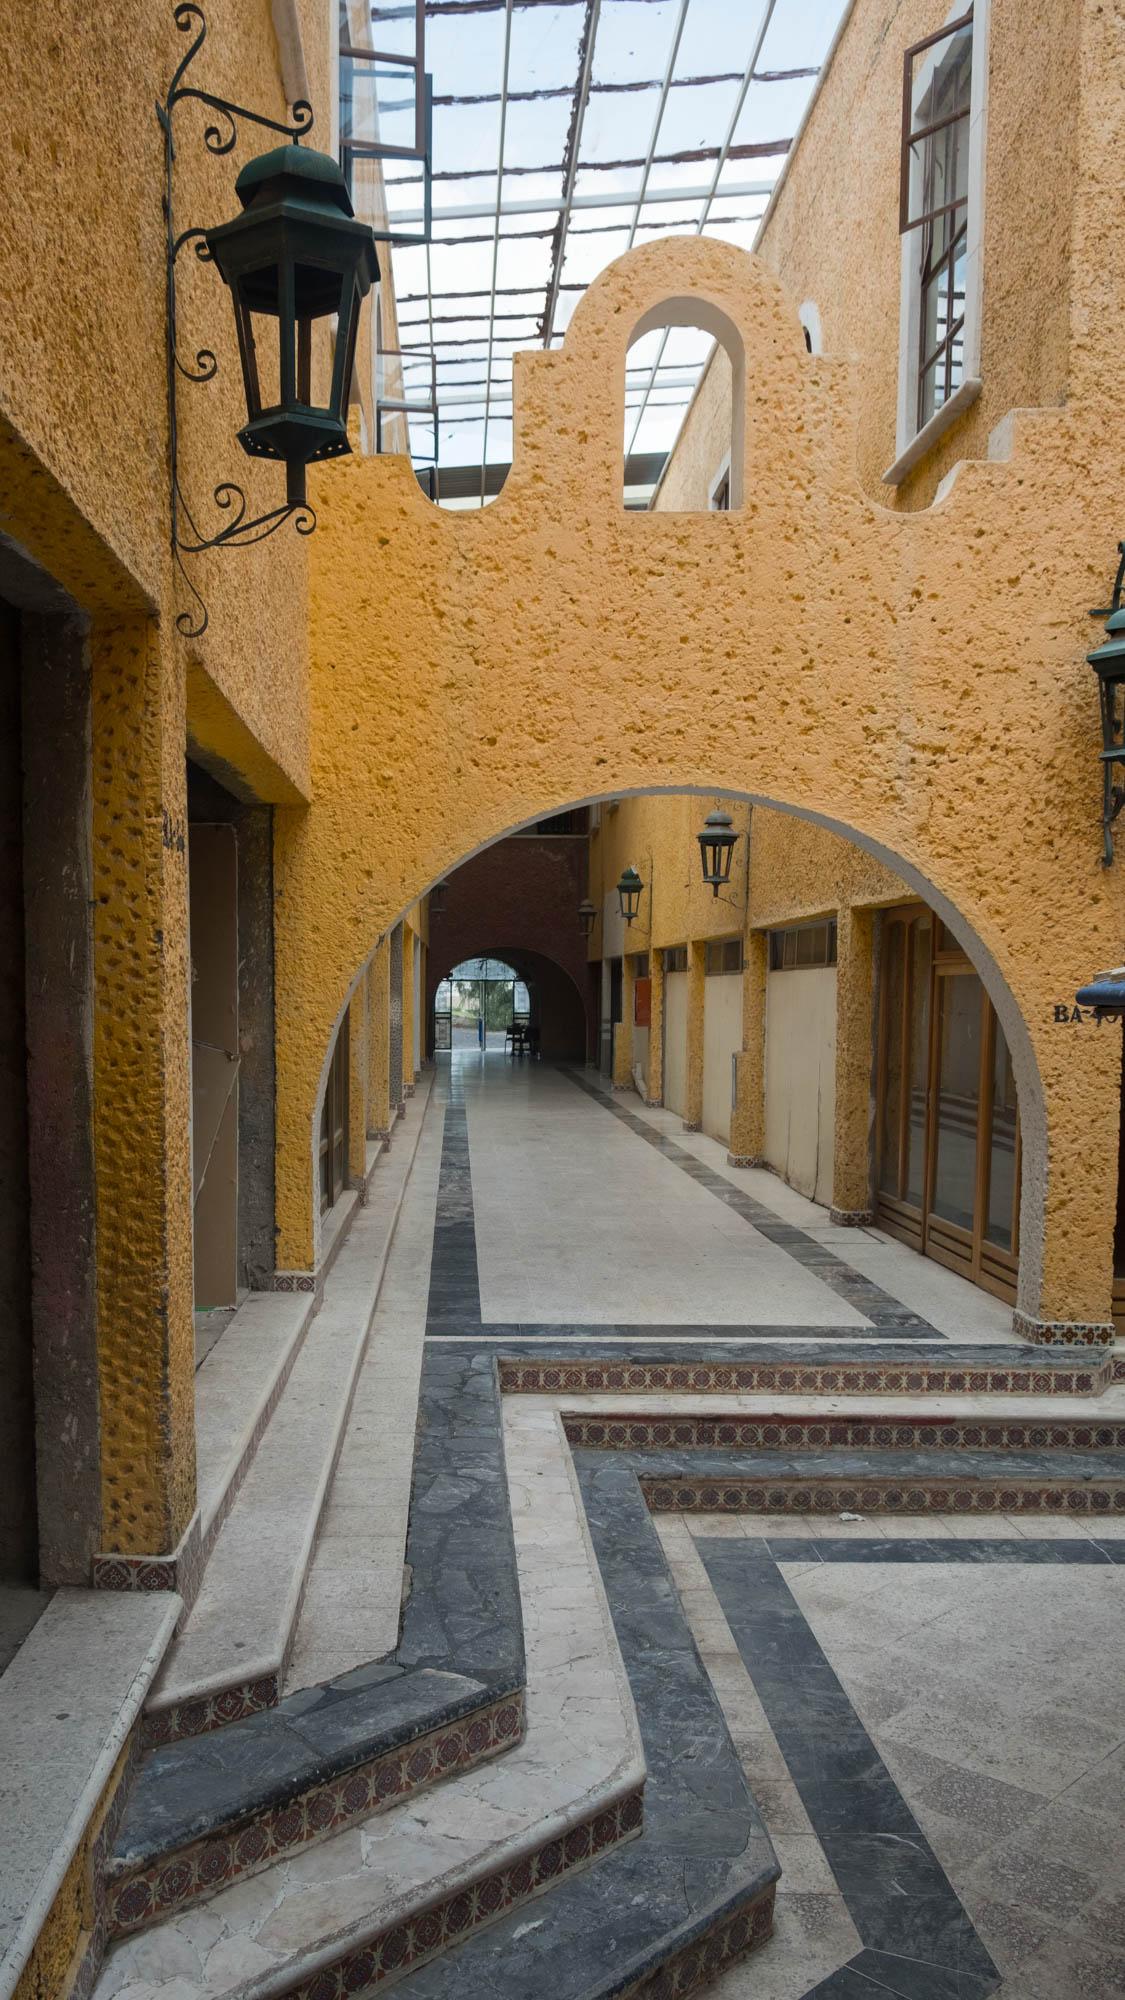 Mexico_SMA_Plaza el Real del Conde (24 of 39).jpg